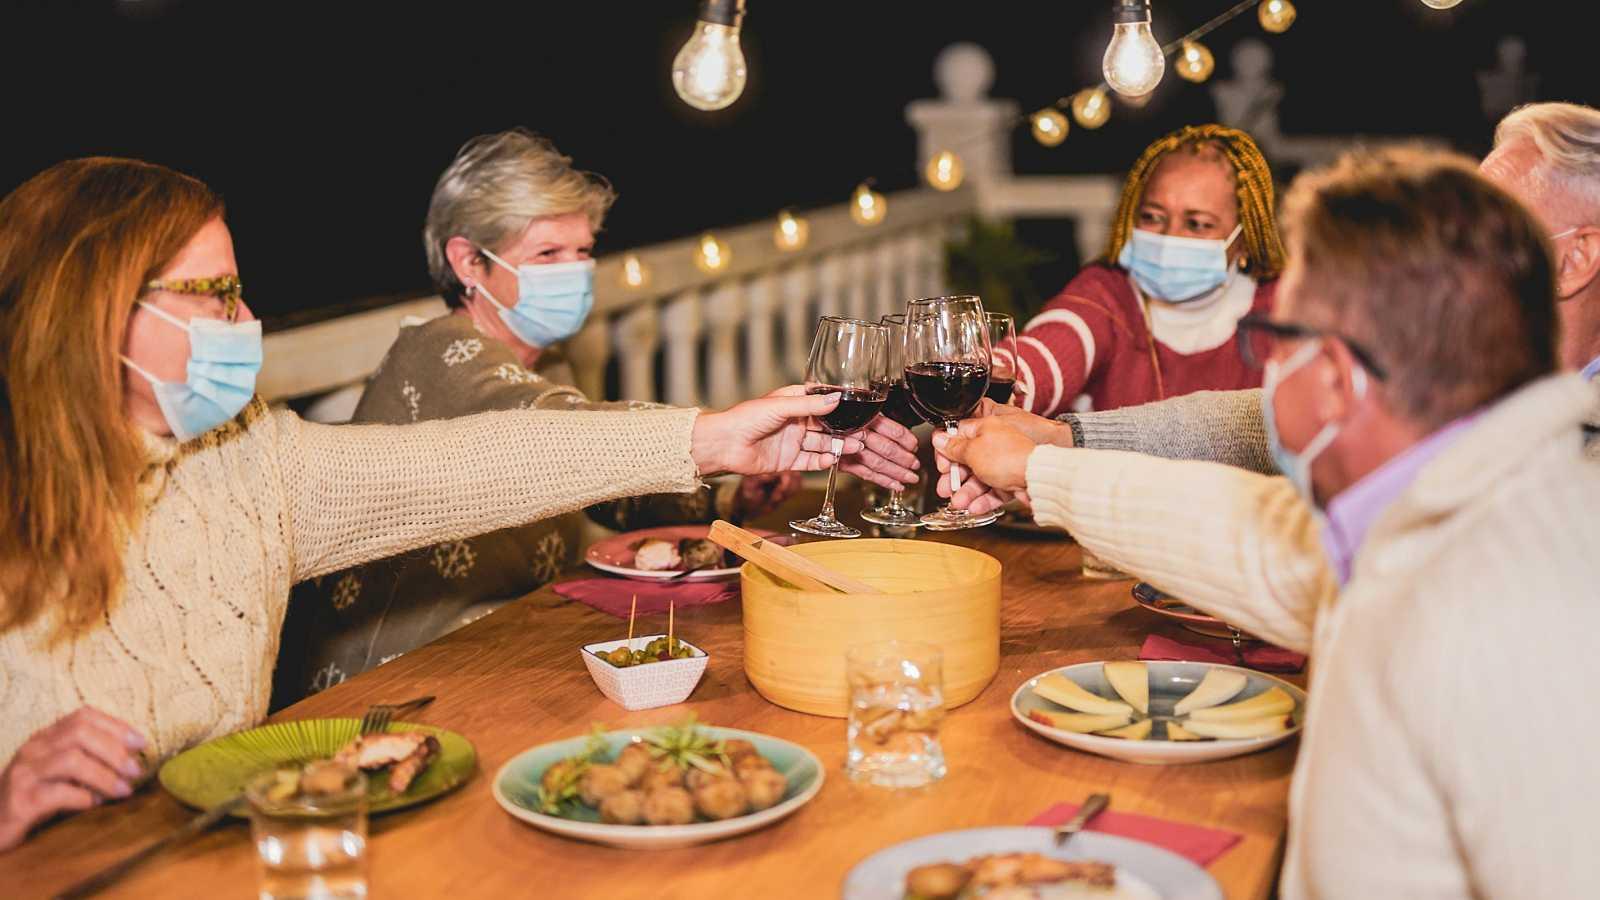 OMS pide que se use mascarilla en las reuniones familiares de Navidad